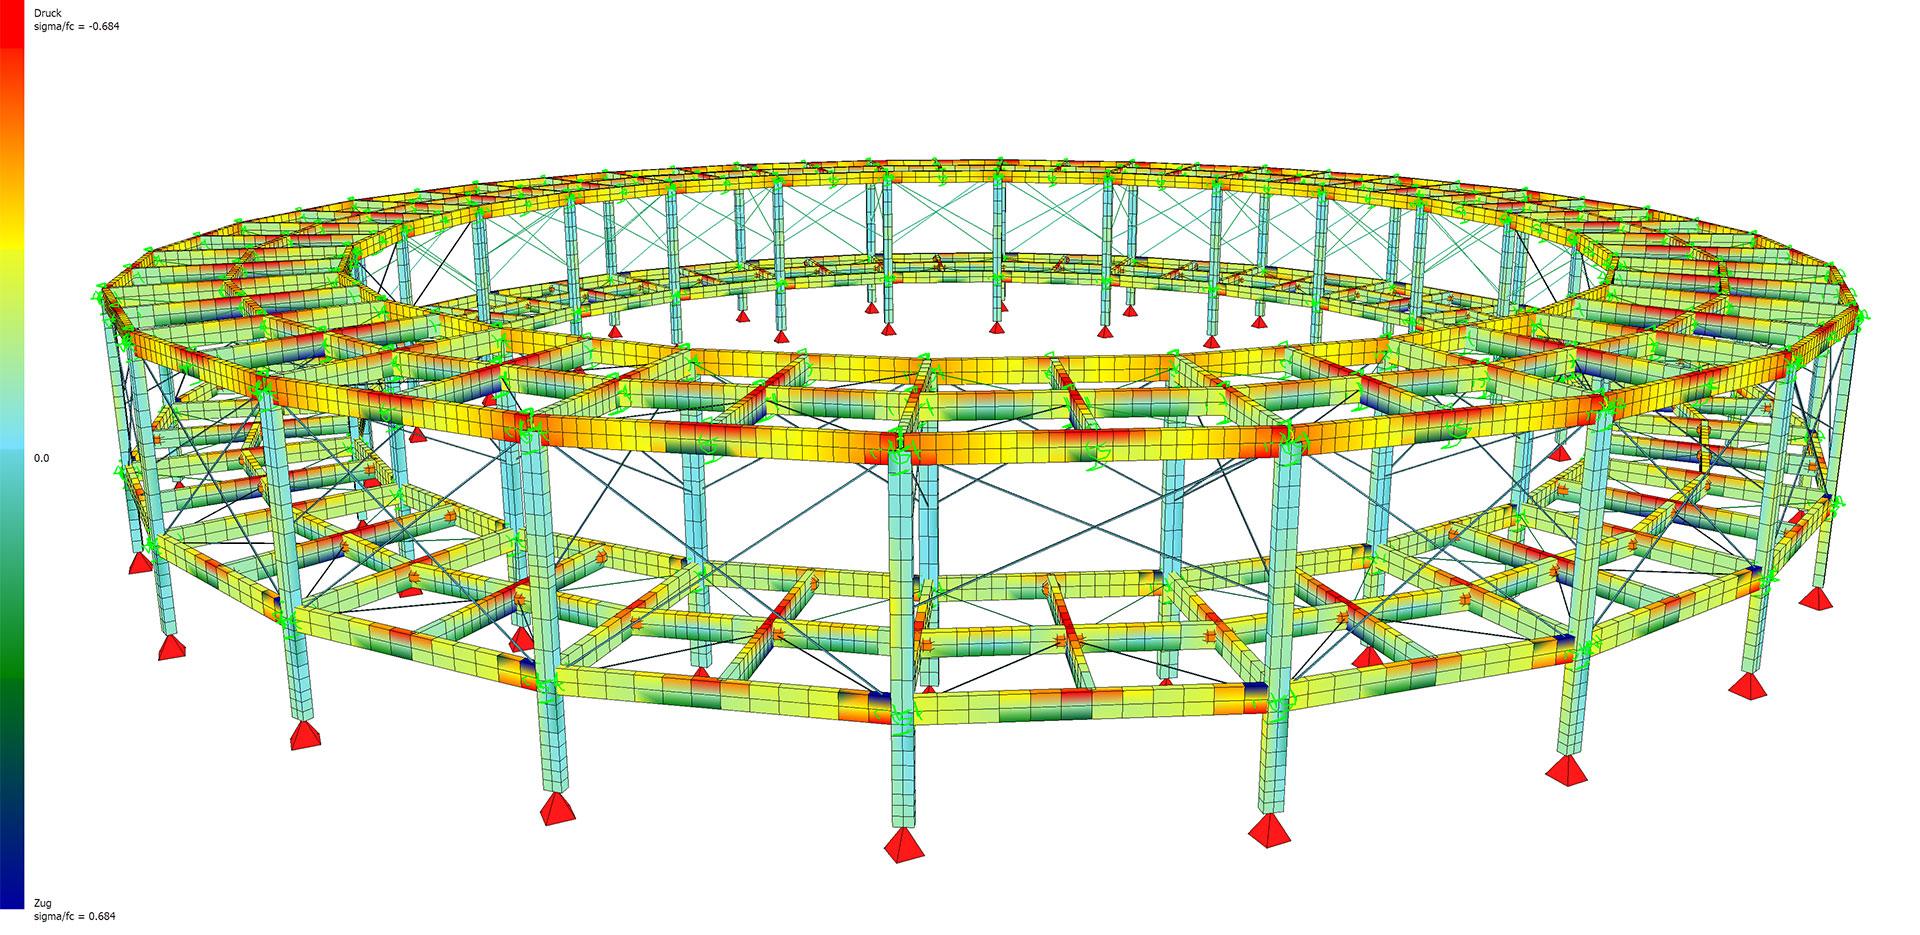 Moderne Tragwerksplanung - Bei SL Rasch arbeiten Architekten und Tragwerksplaner Hand in Hand – nur so lassen sich komplexe Strukturen wie die Ringbrückenkonstruktion in Mekka aus Kohlefaser-Verbundwerkstoff planen und realisieren.